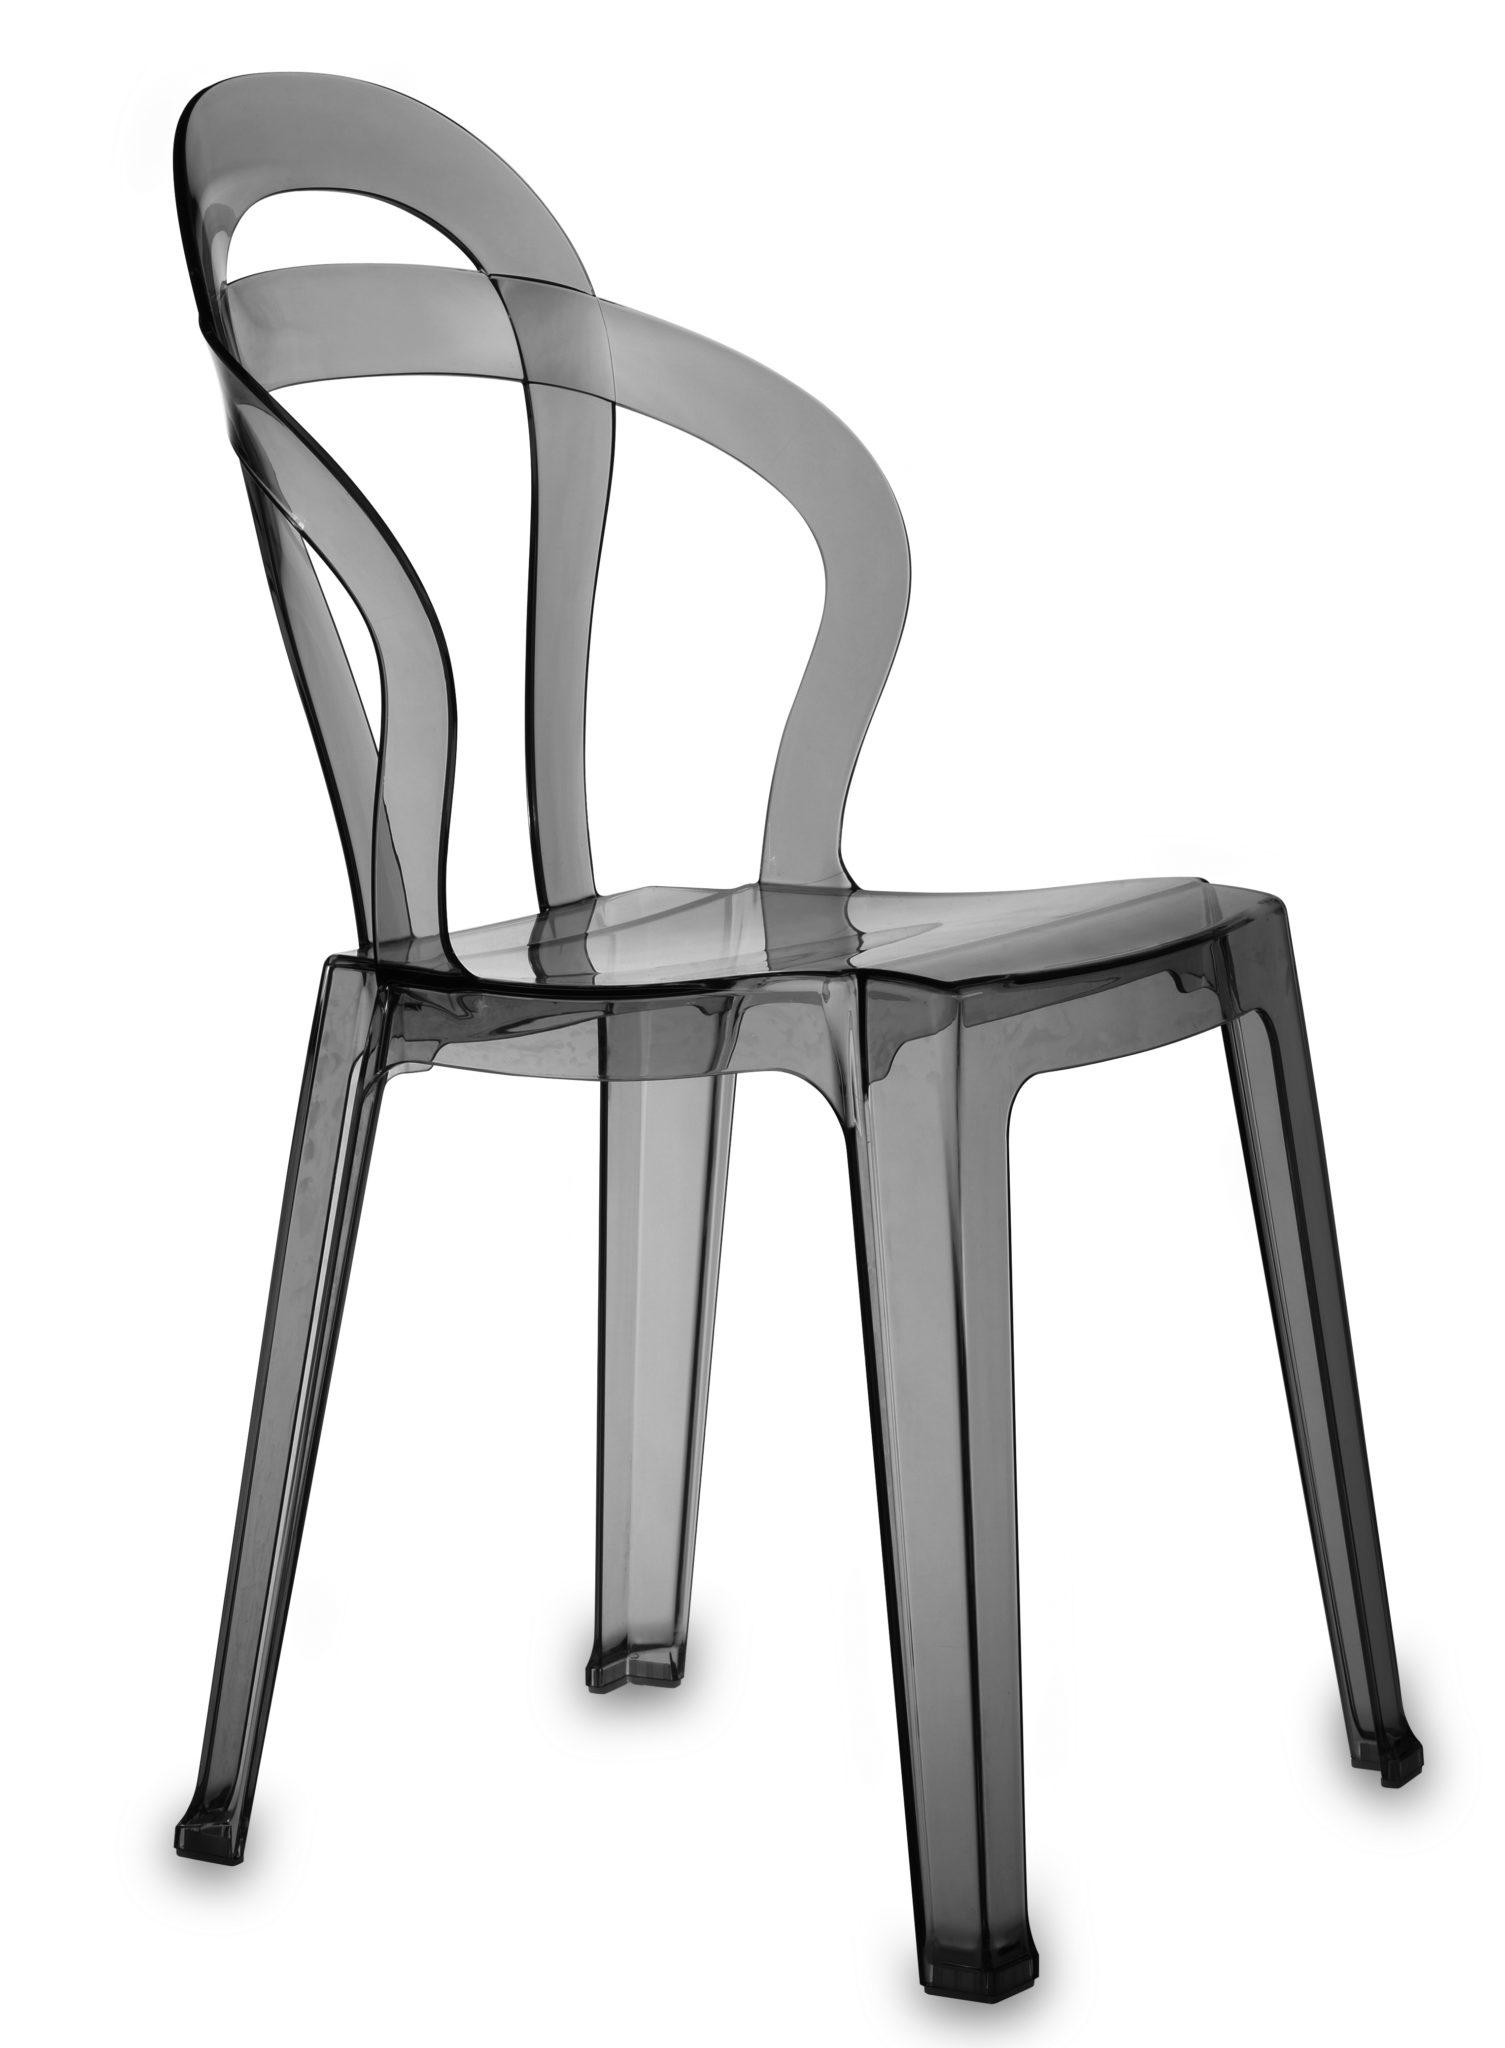 TiTì sedia in policarbonato | Gipielle Due